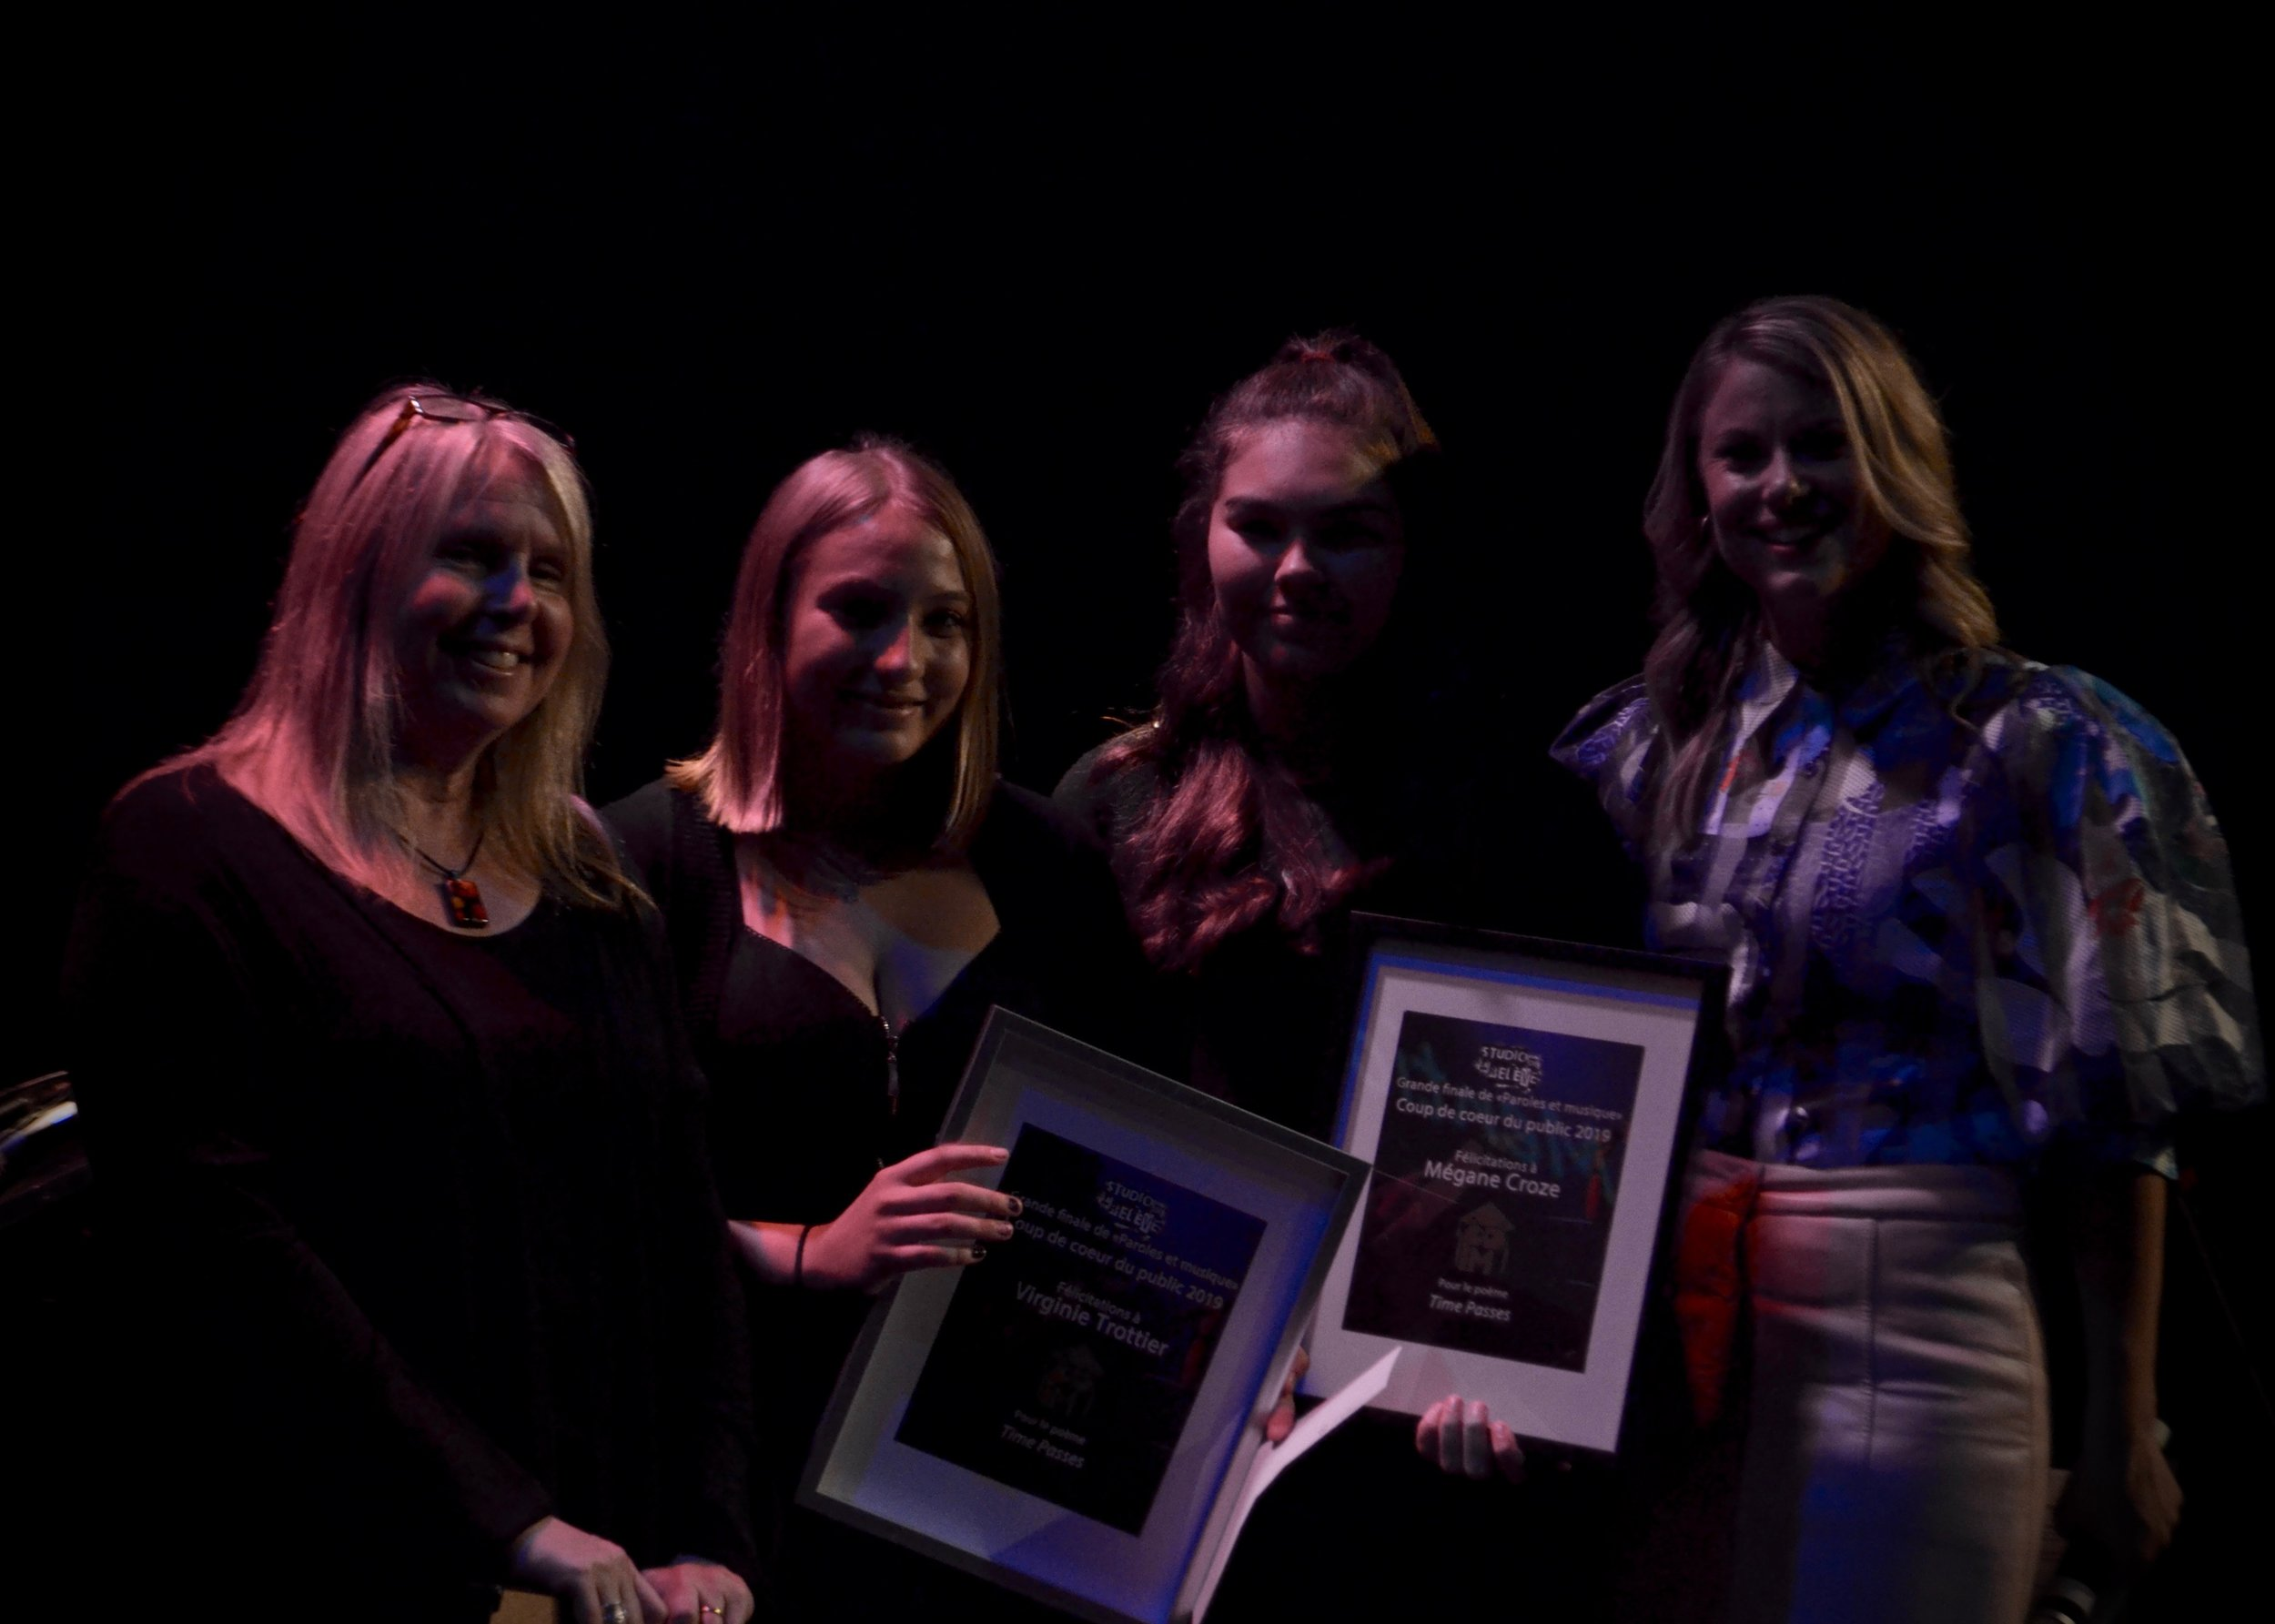 Mégane Croze, Jessica Gravel, Virginie Trottier auteures du texte Time passes. Prix remis par Judith Bisaillon, enseignante à la Polyvalente Deux-Montagnes